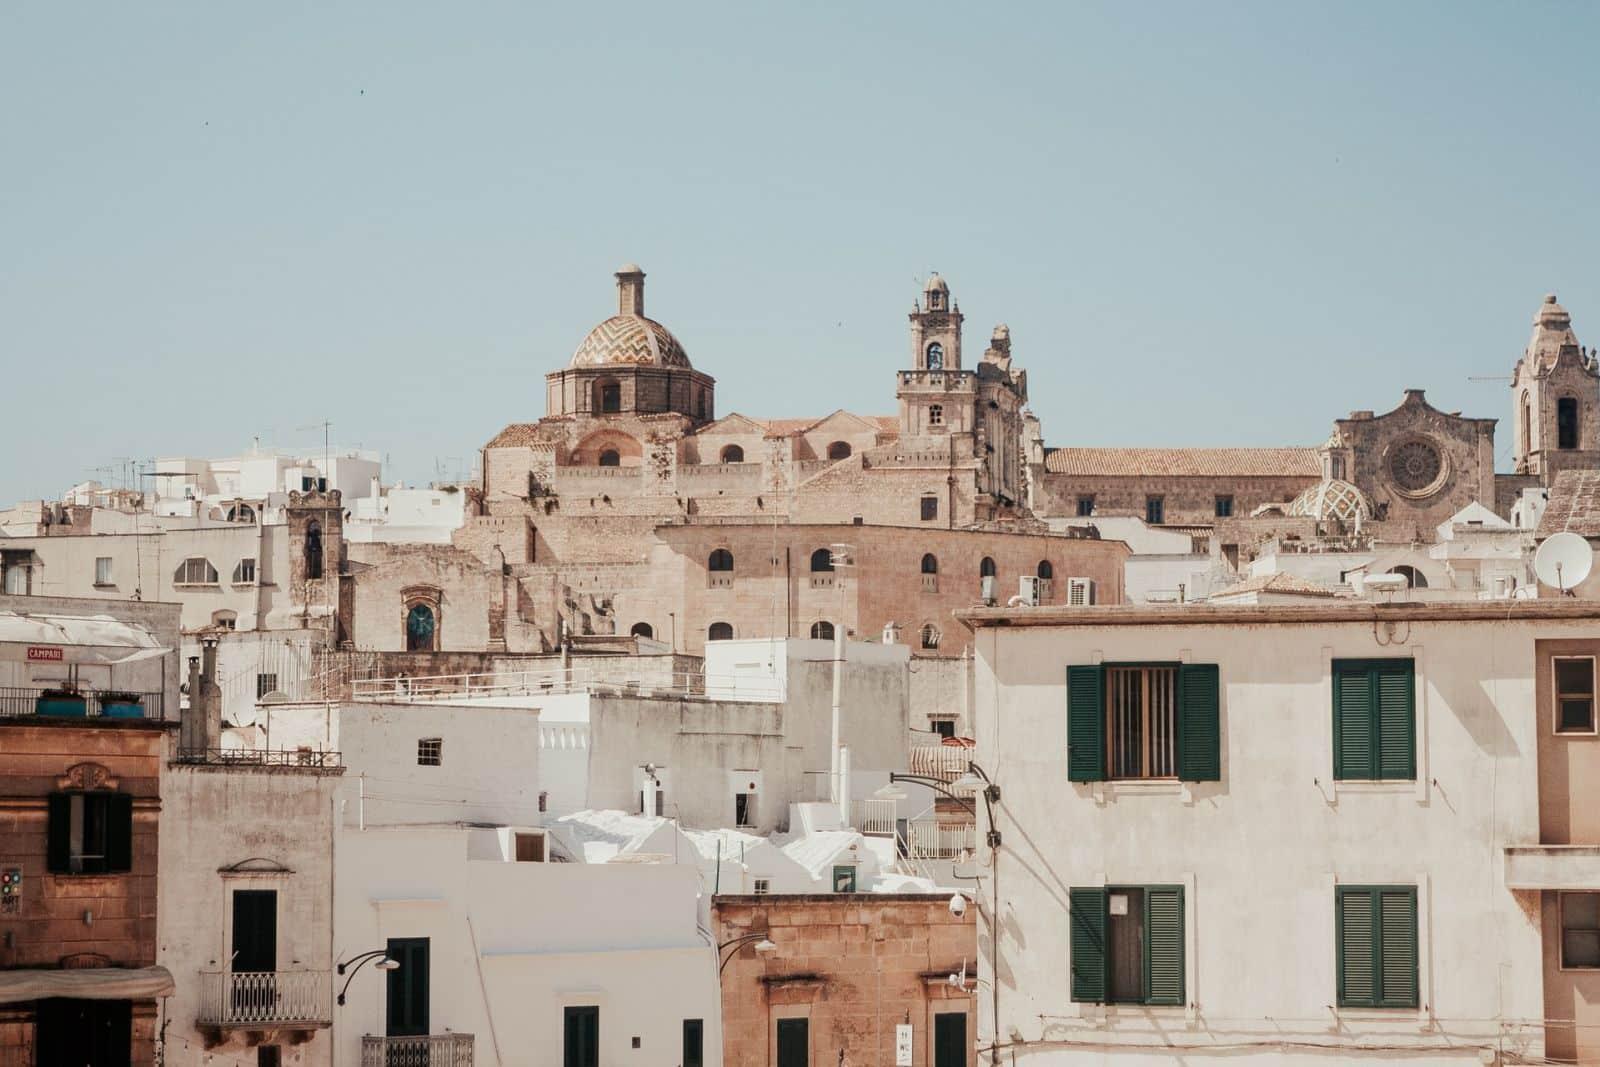 Dónde dormir en Bari - Mejores zonas y hoteles